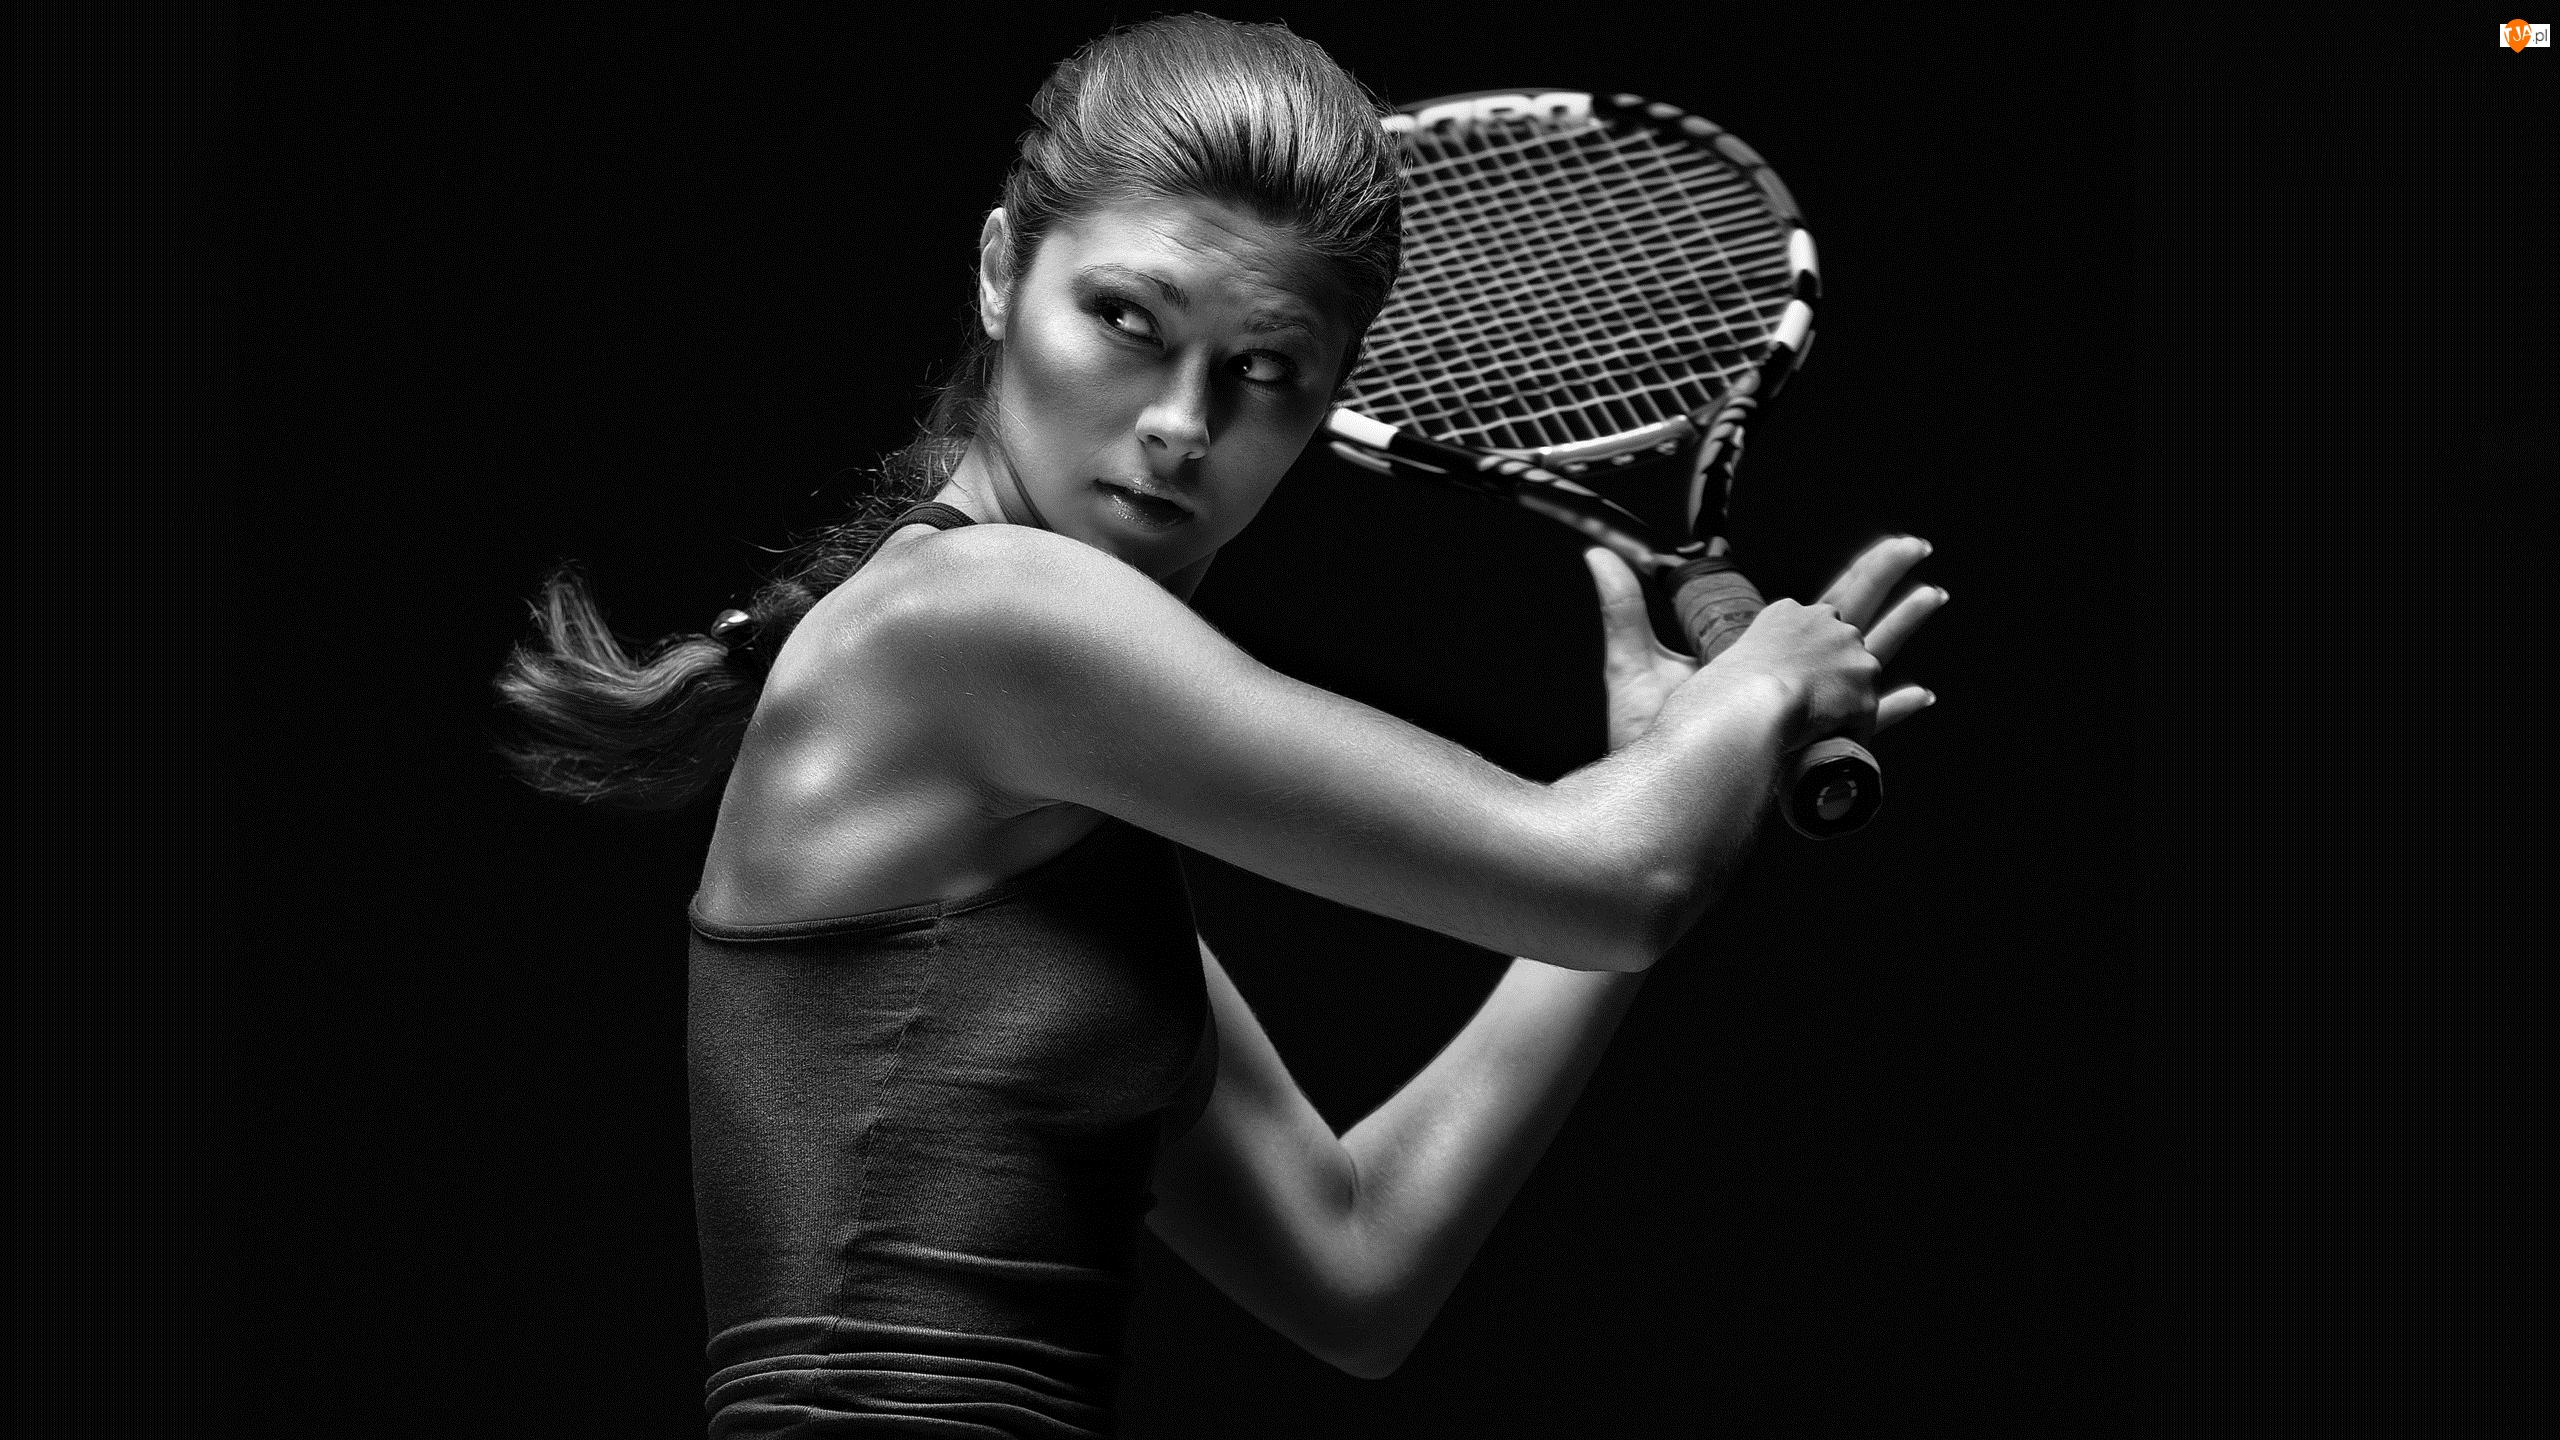 Czarno-białe, Kobieta, Tenis